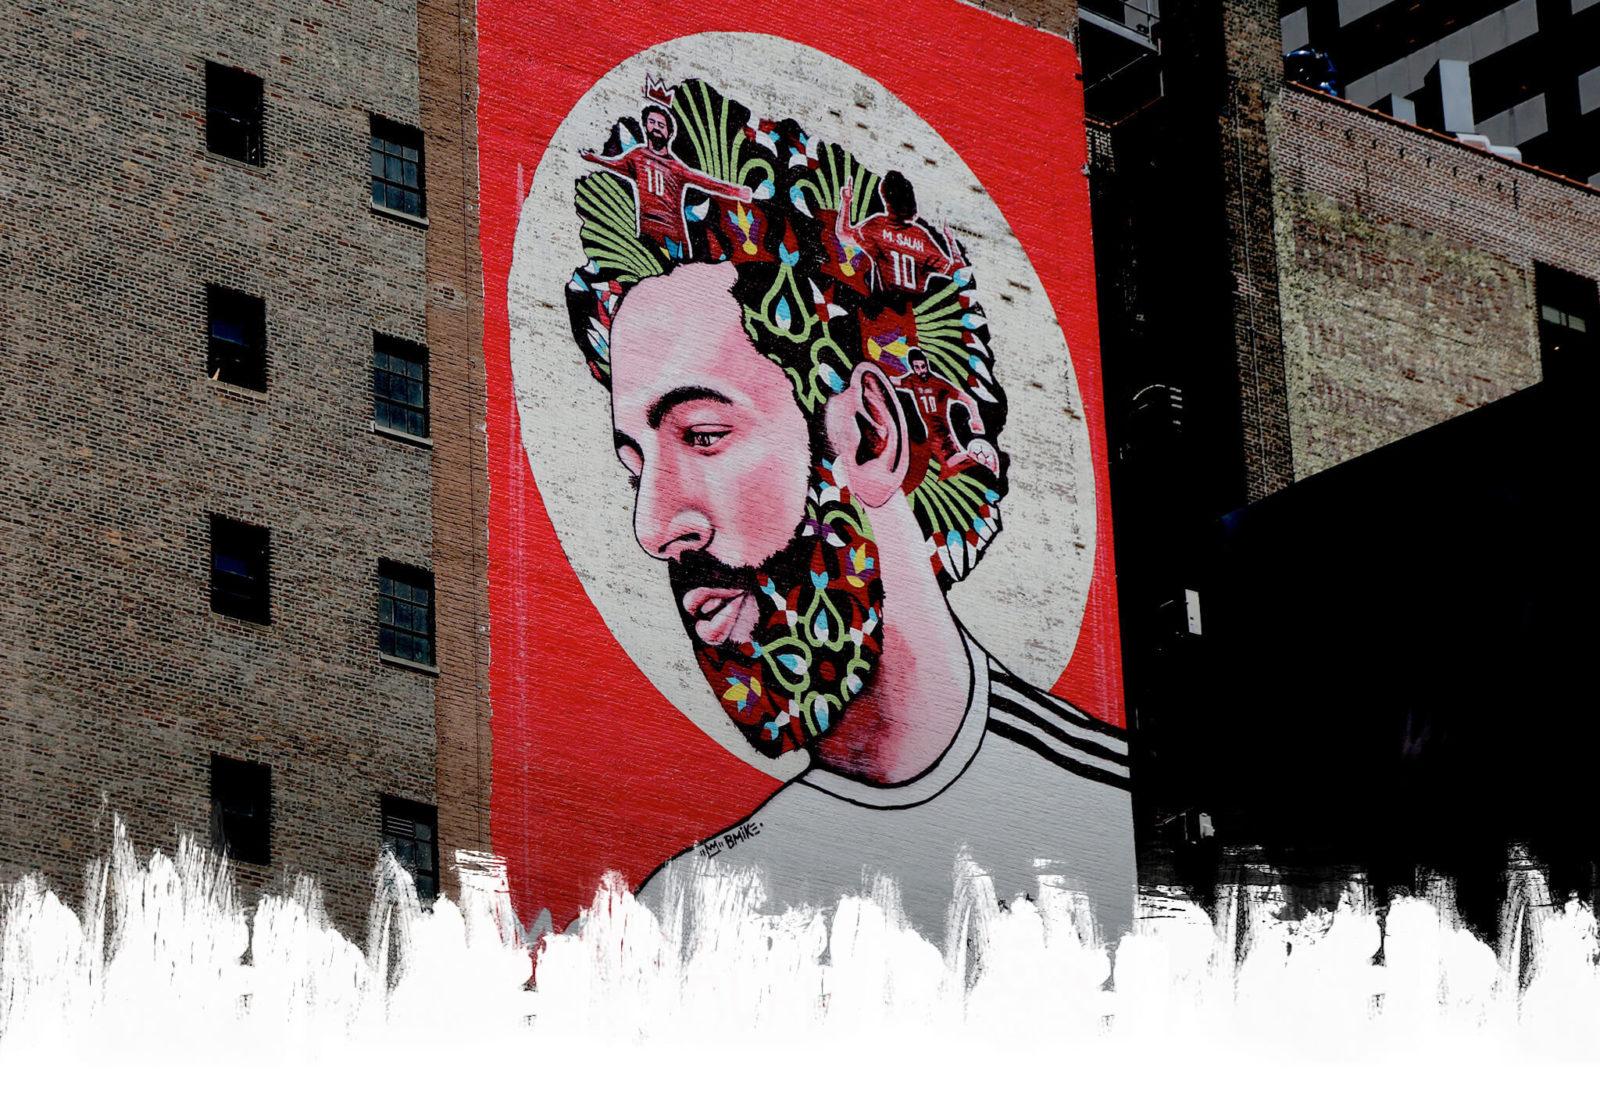 street art football portrait mo salah brandan BMike odums - Coupe du Monde de football 2018 : les plus belles œuvres de street art !